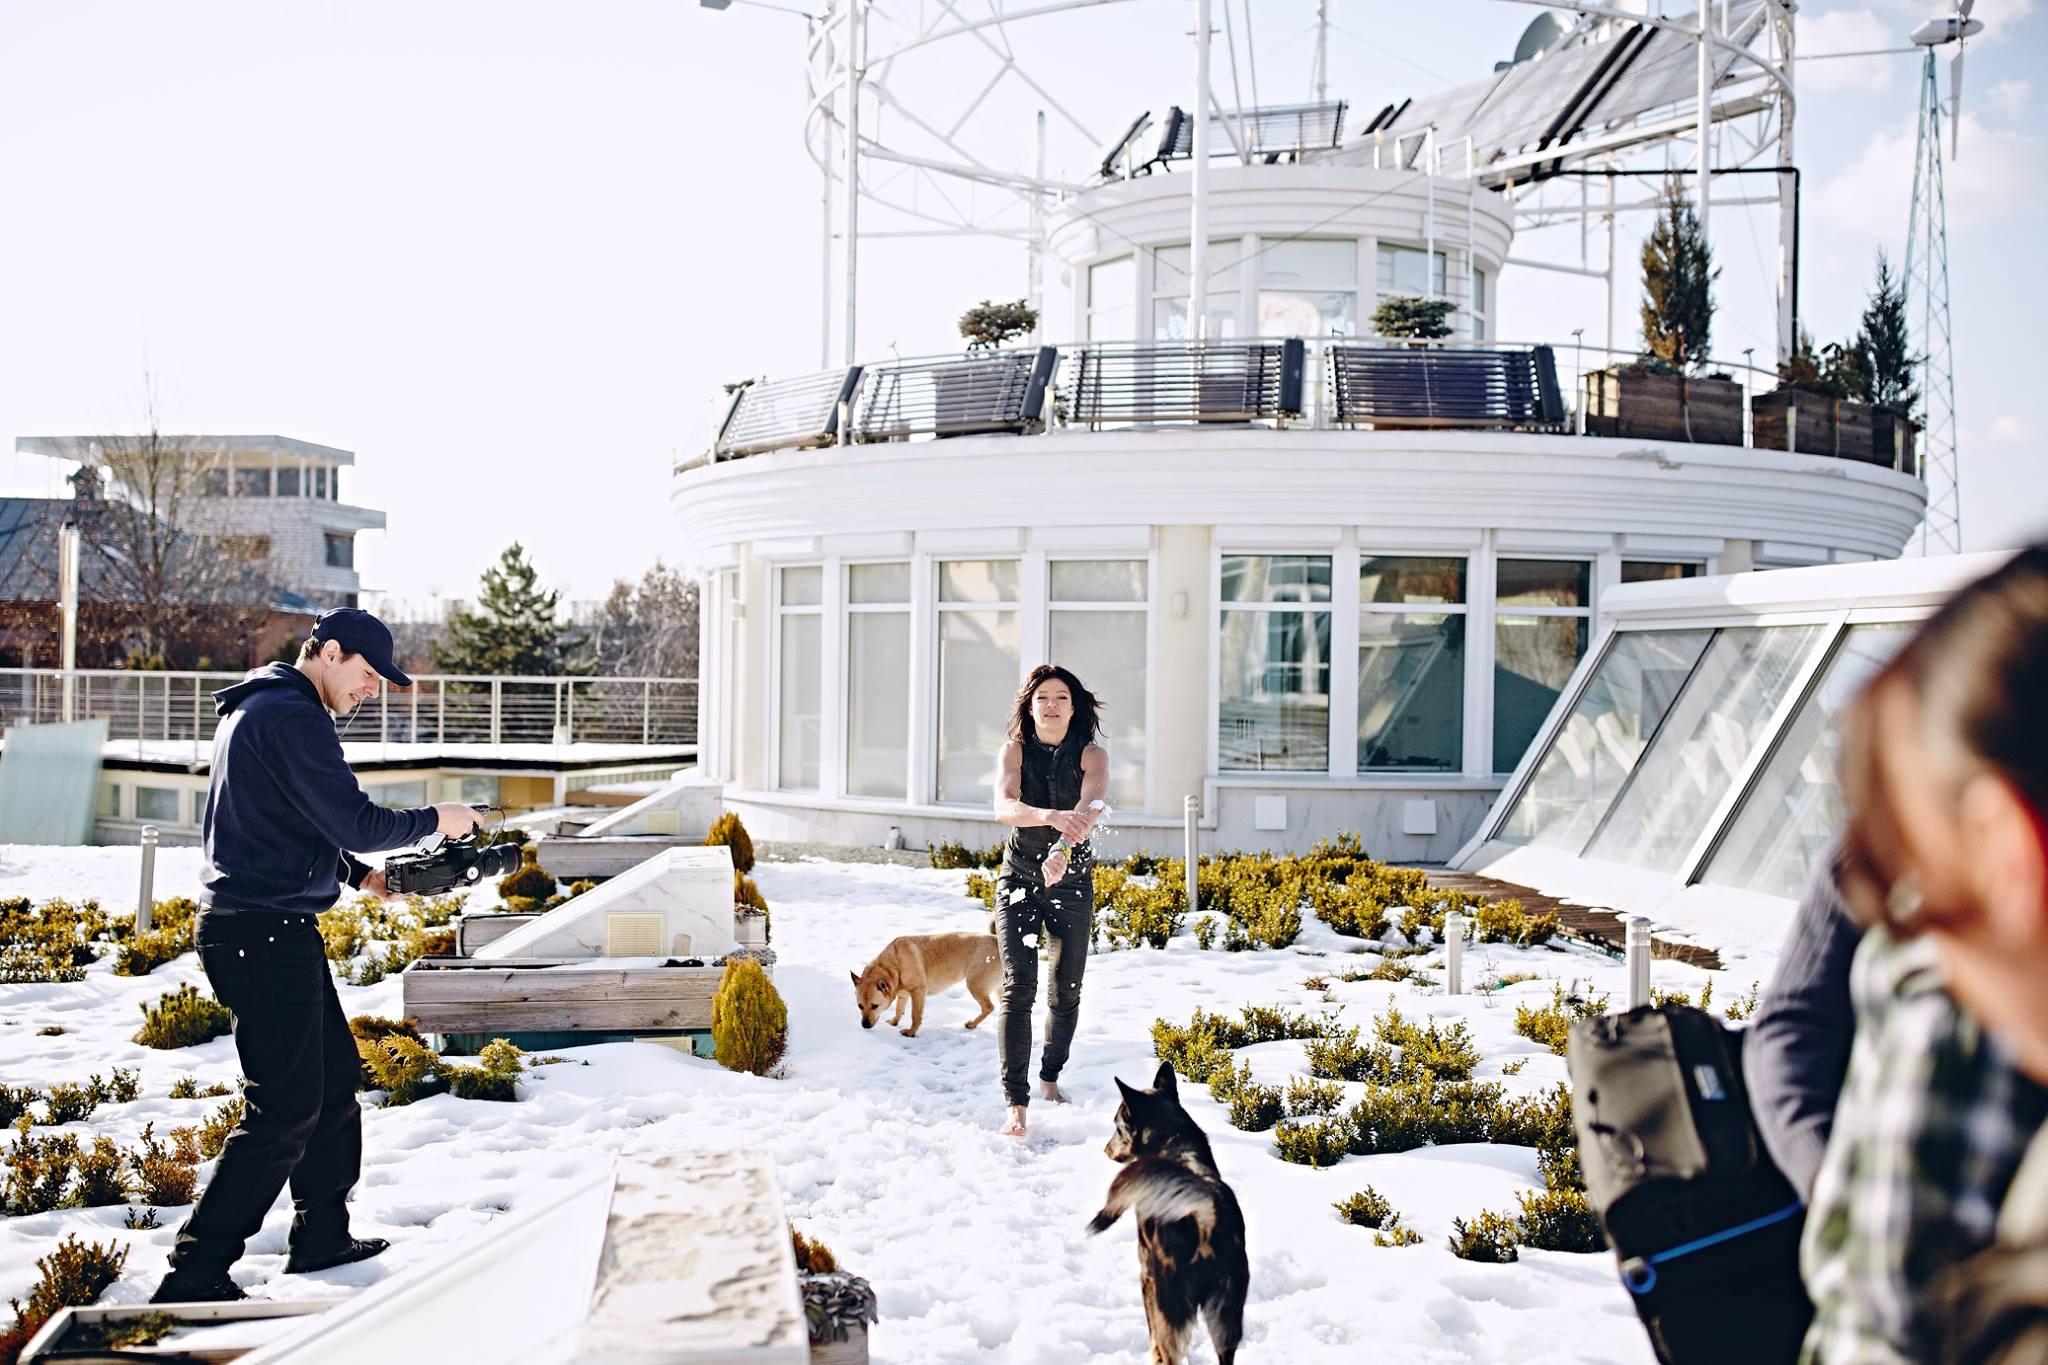 Певица Руслана показала свой особняк недалеко отКиева: захватывающие фото